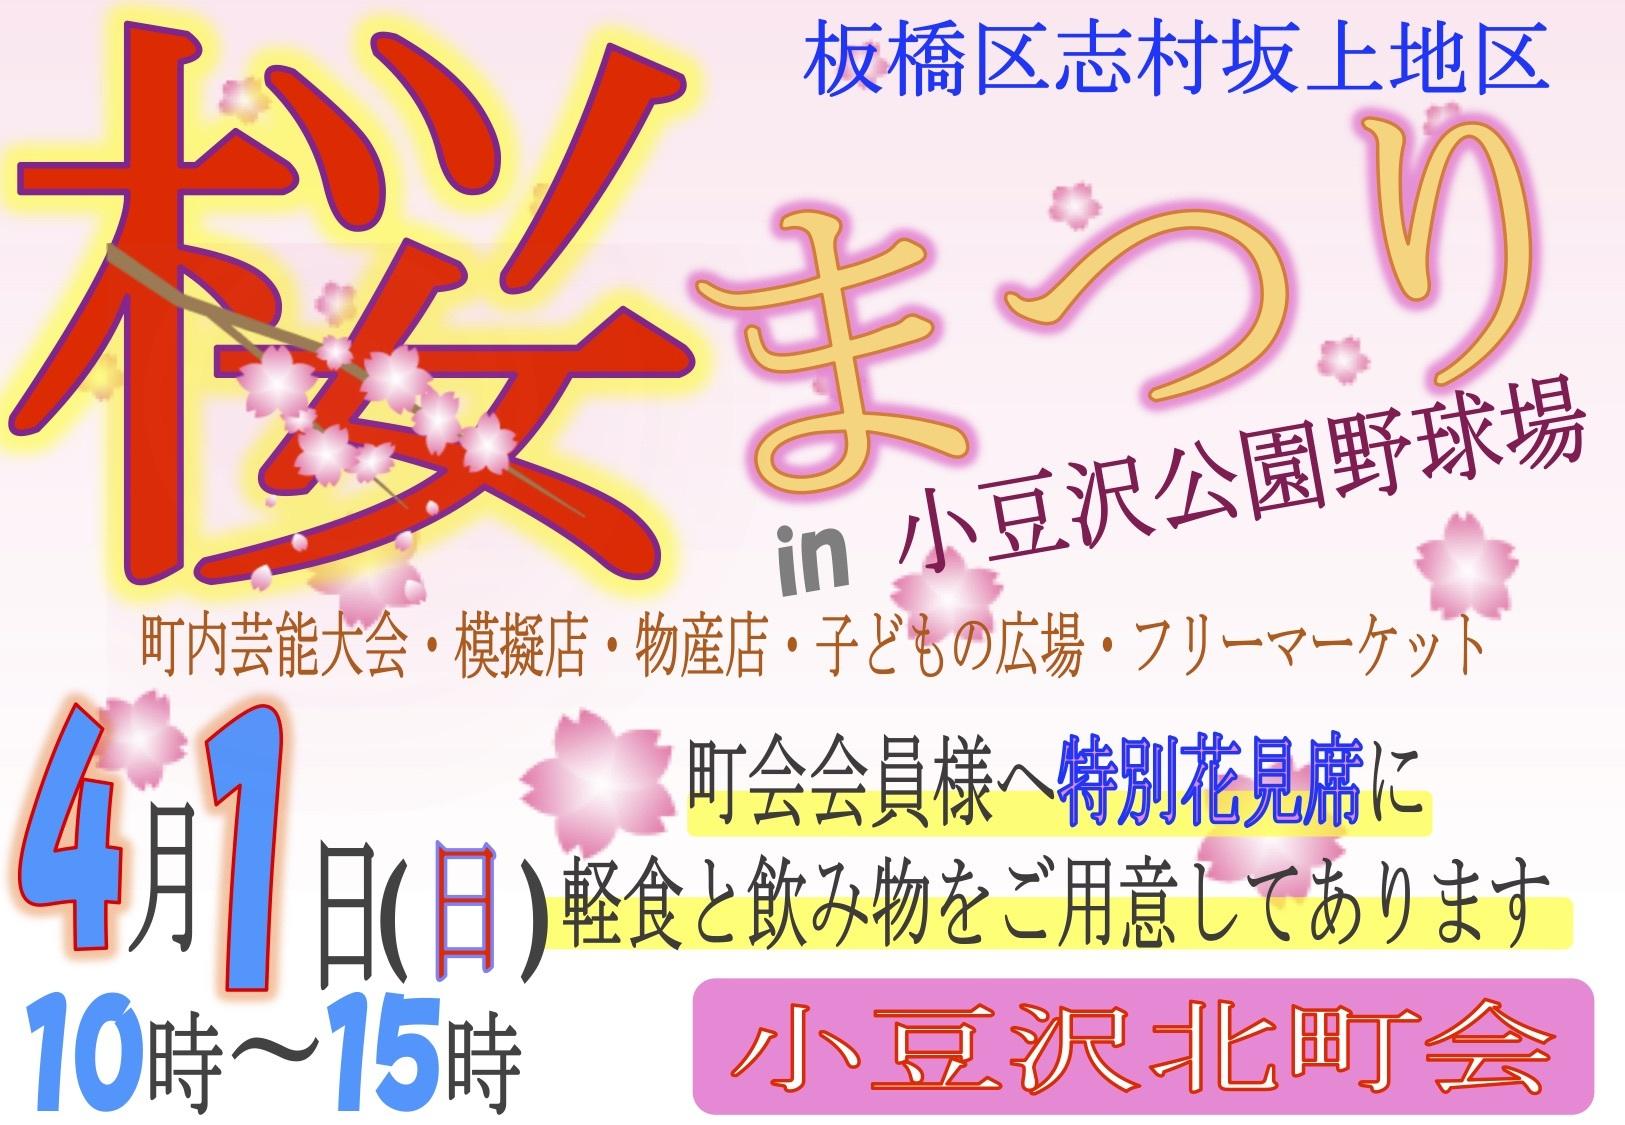 2018年4月1日桜まつり